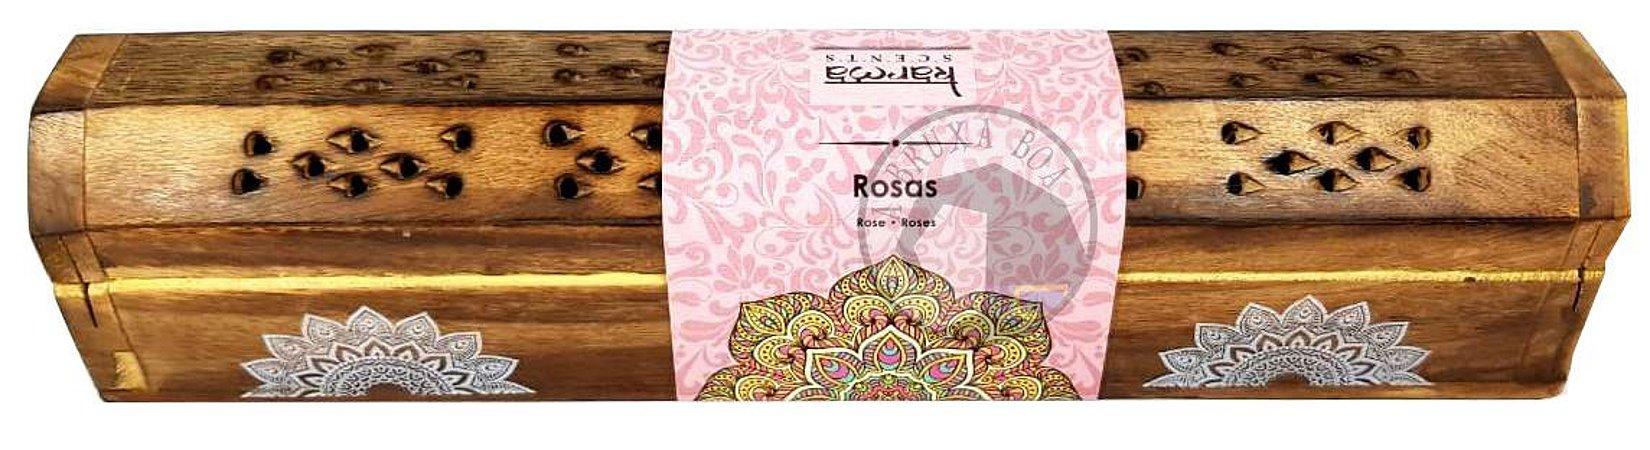 Incensário Baú de Madeira + Incensos de Rosas